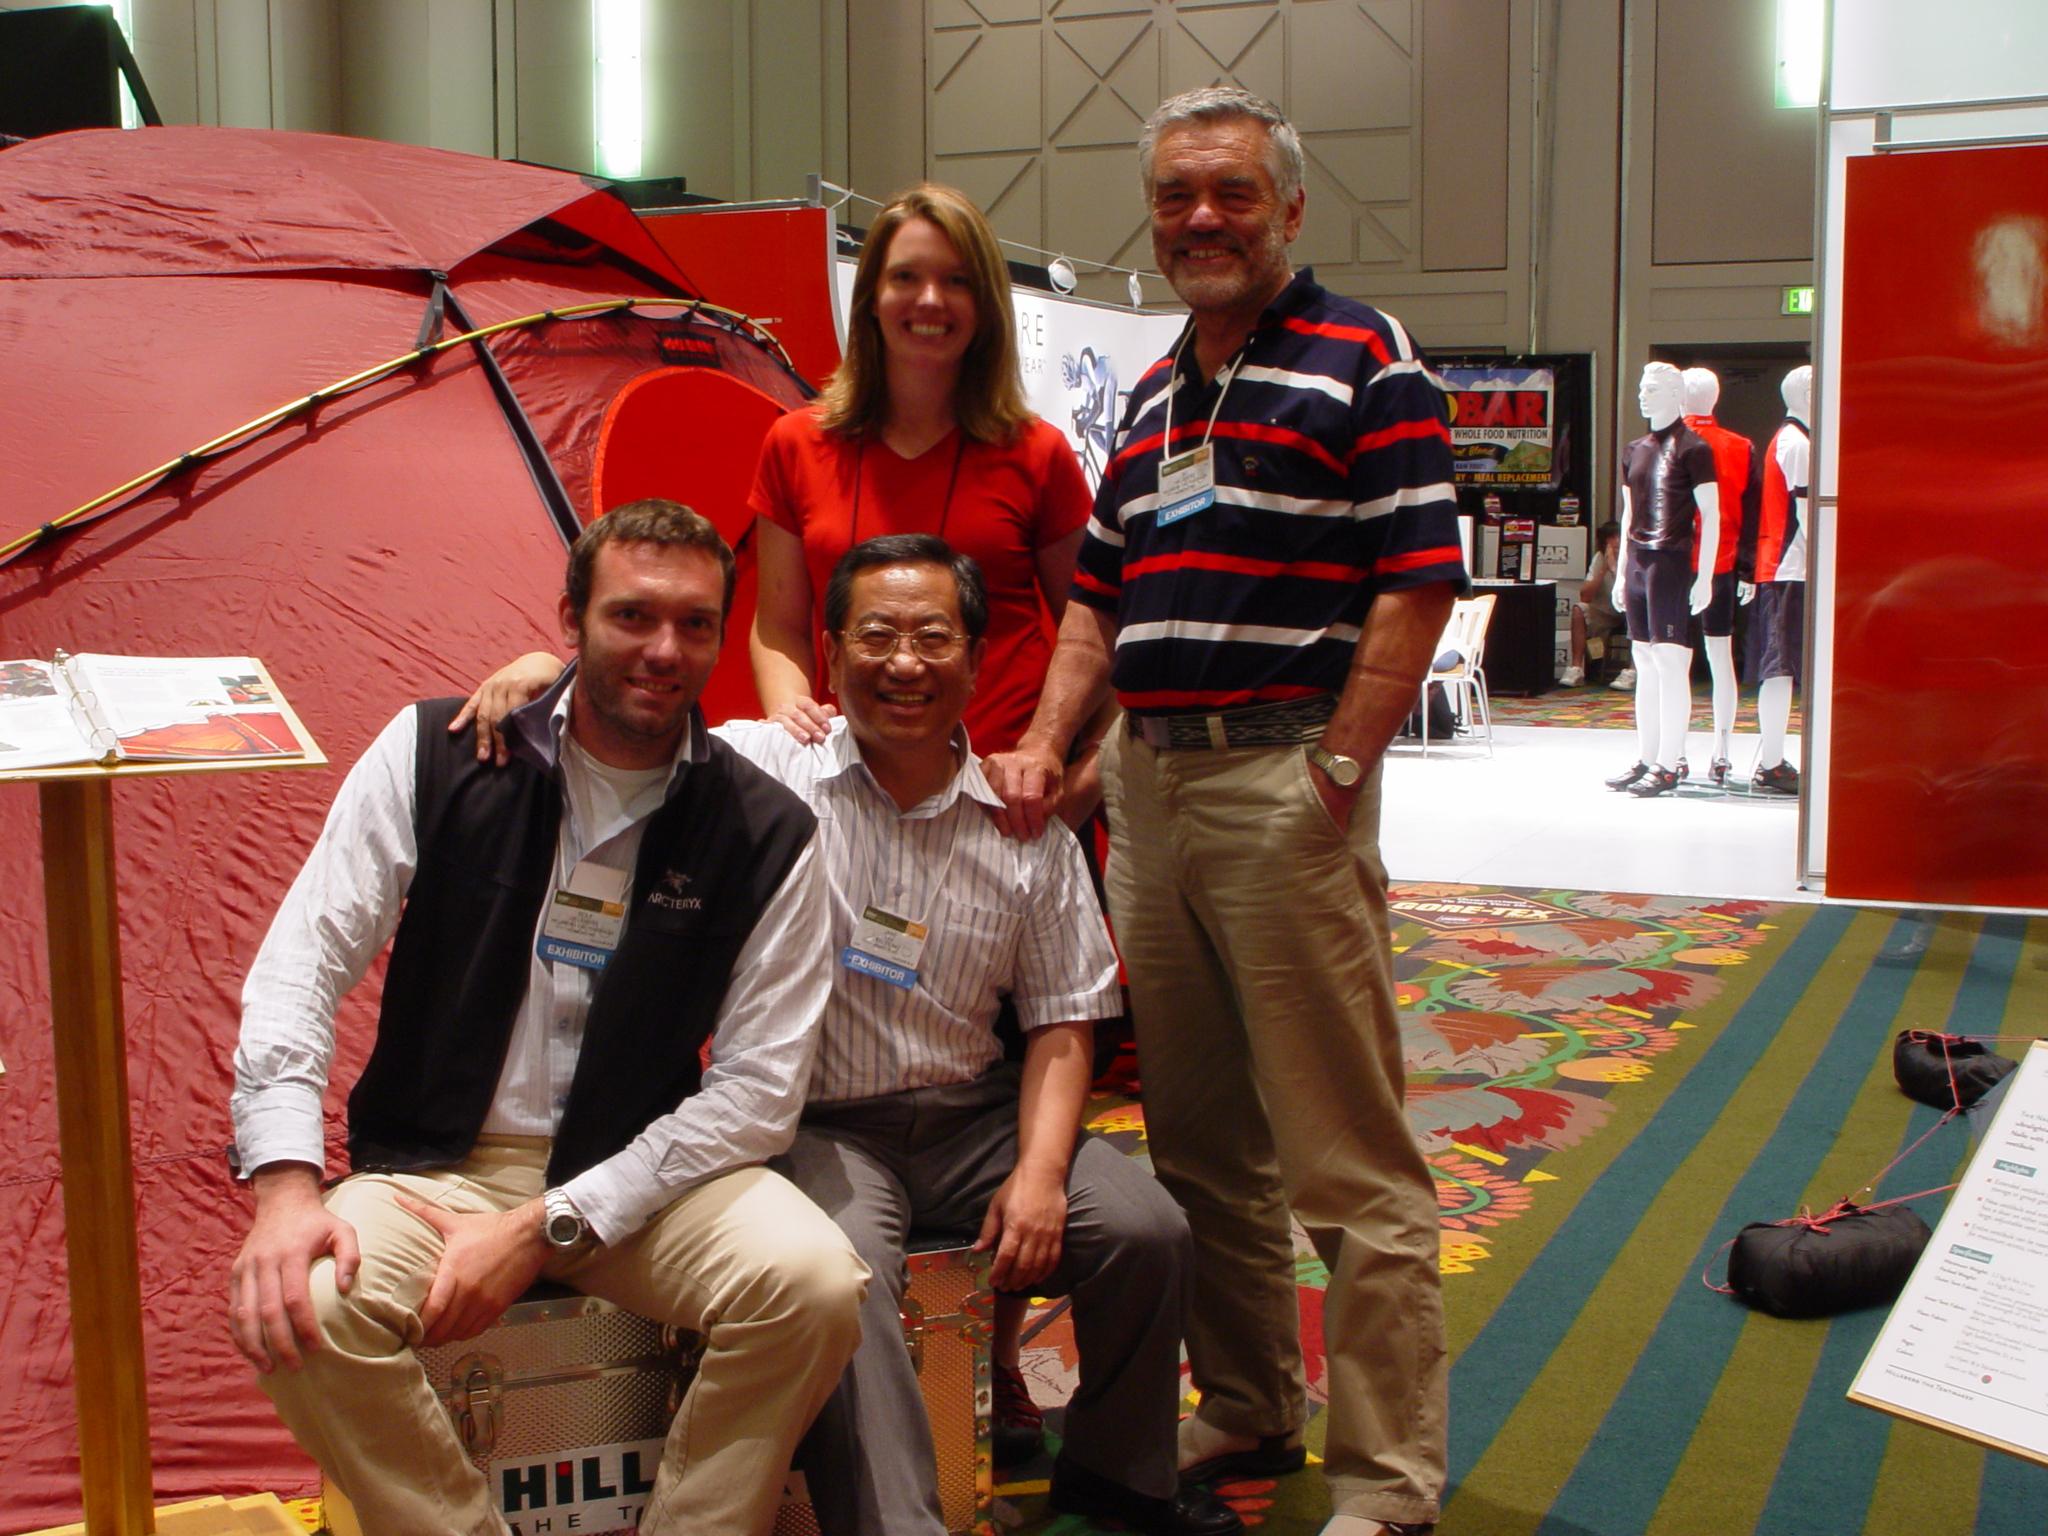 Hilleberg family